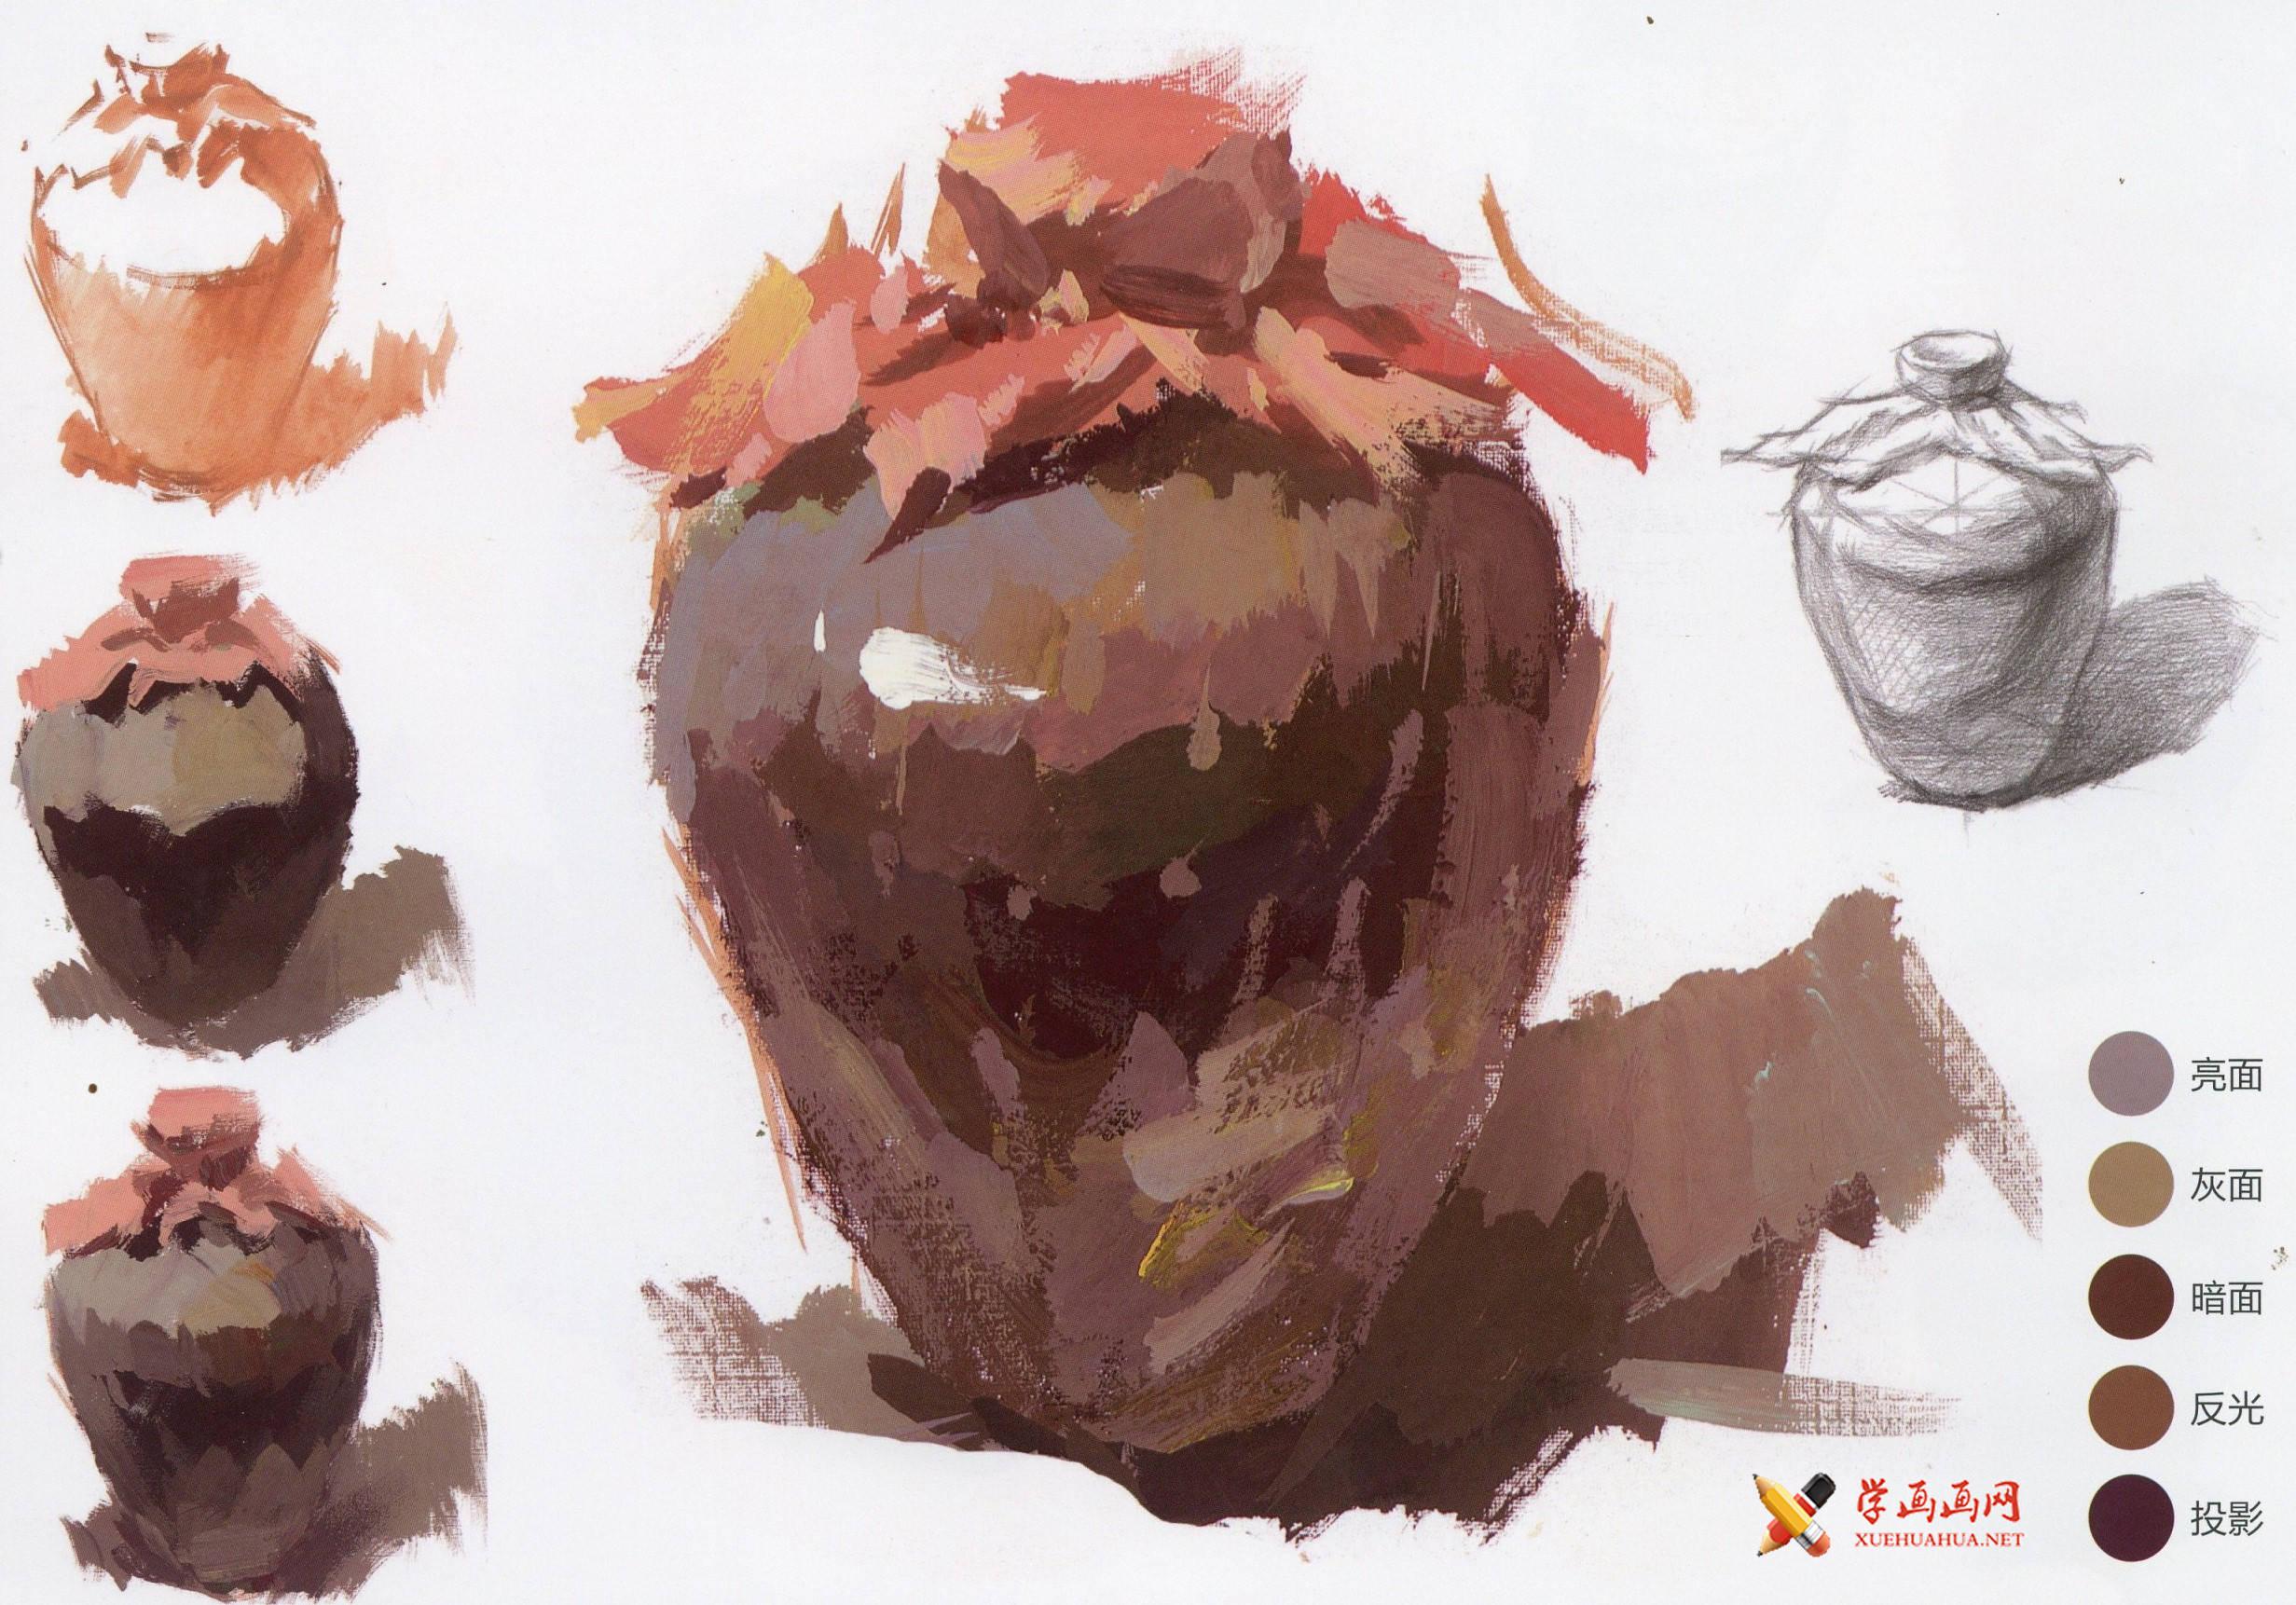 水粉画单体静物:酒坛的画法步骤图解范画图片(1)